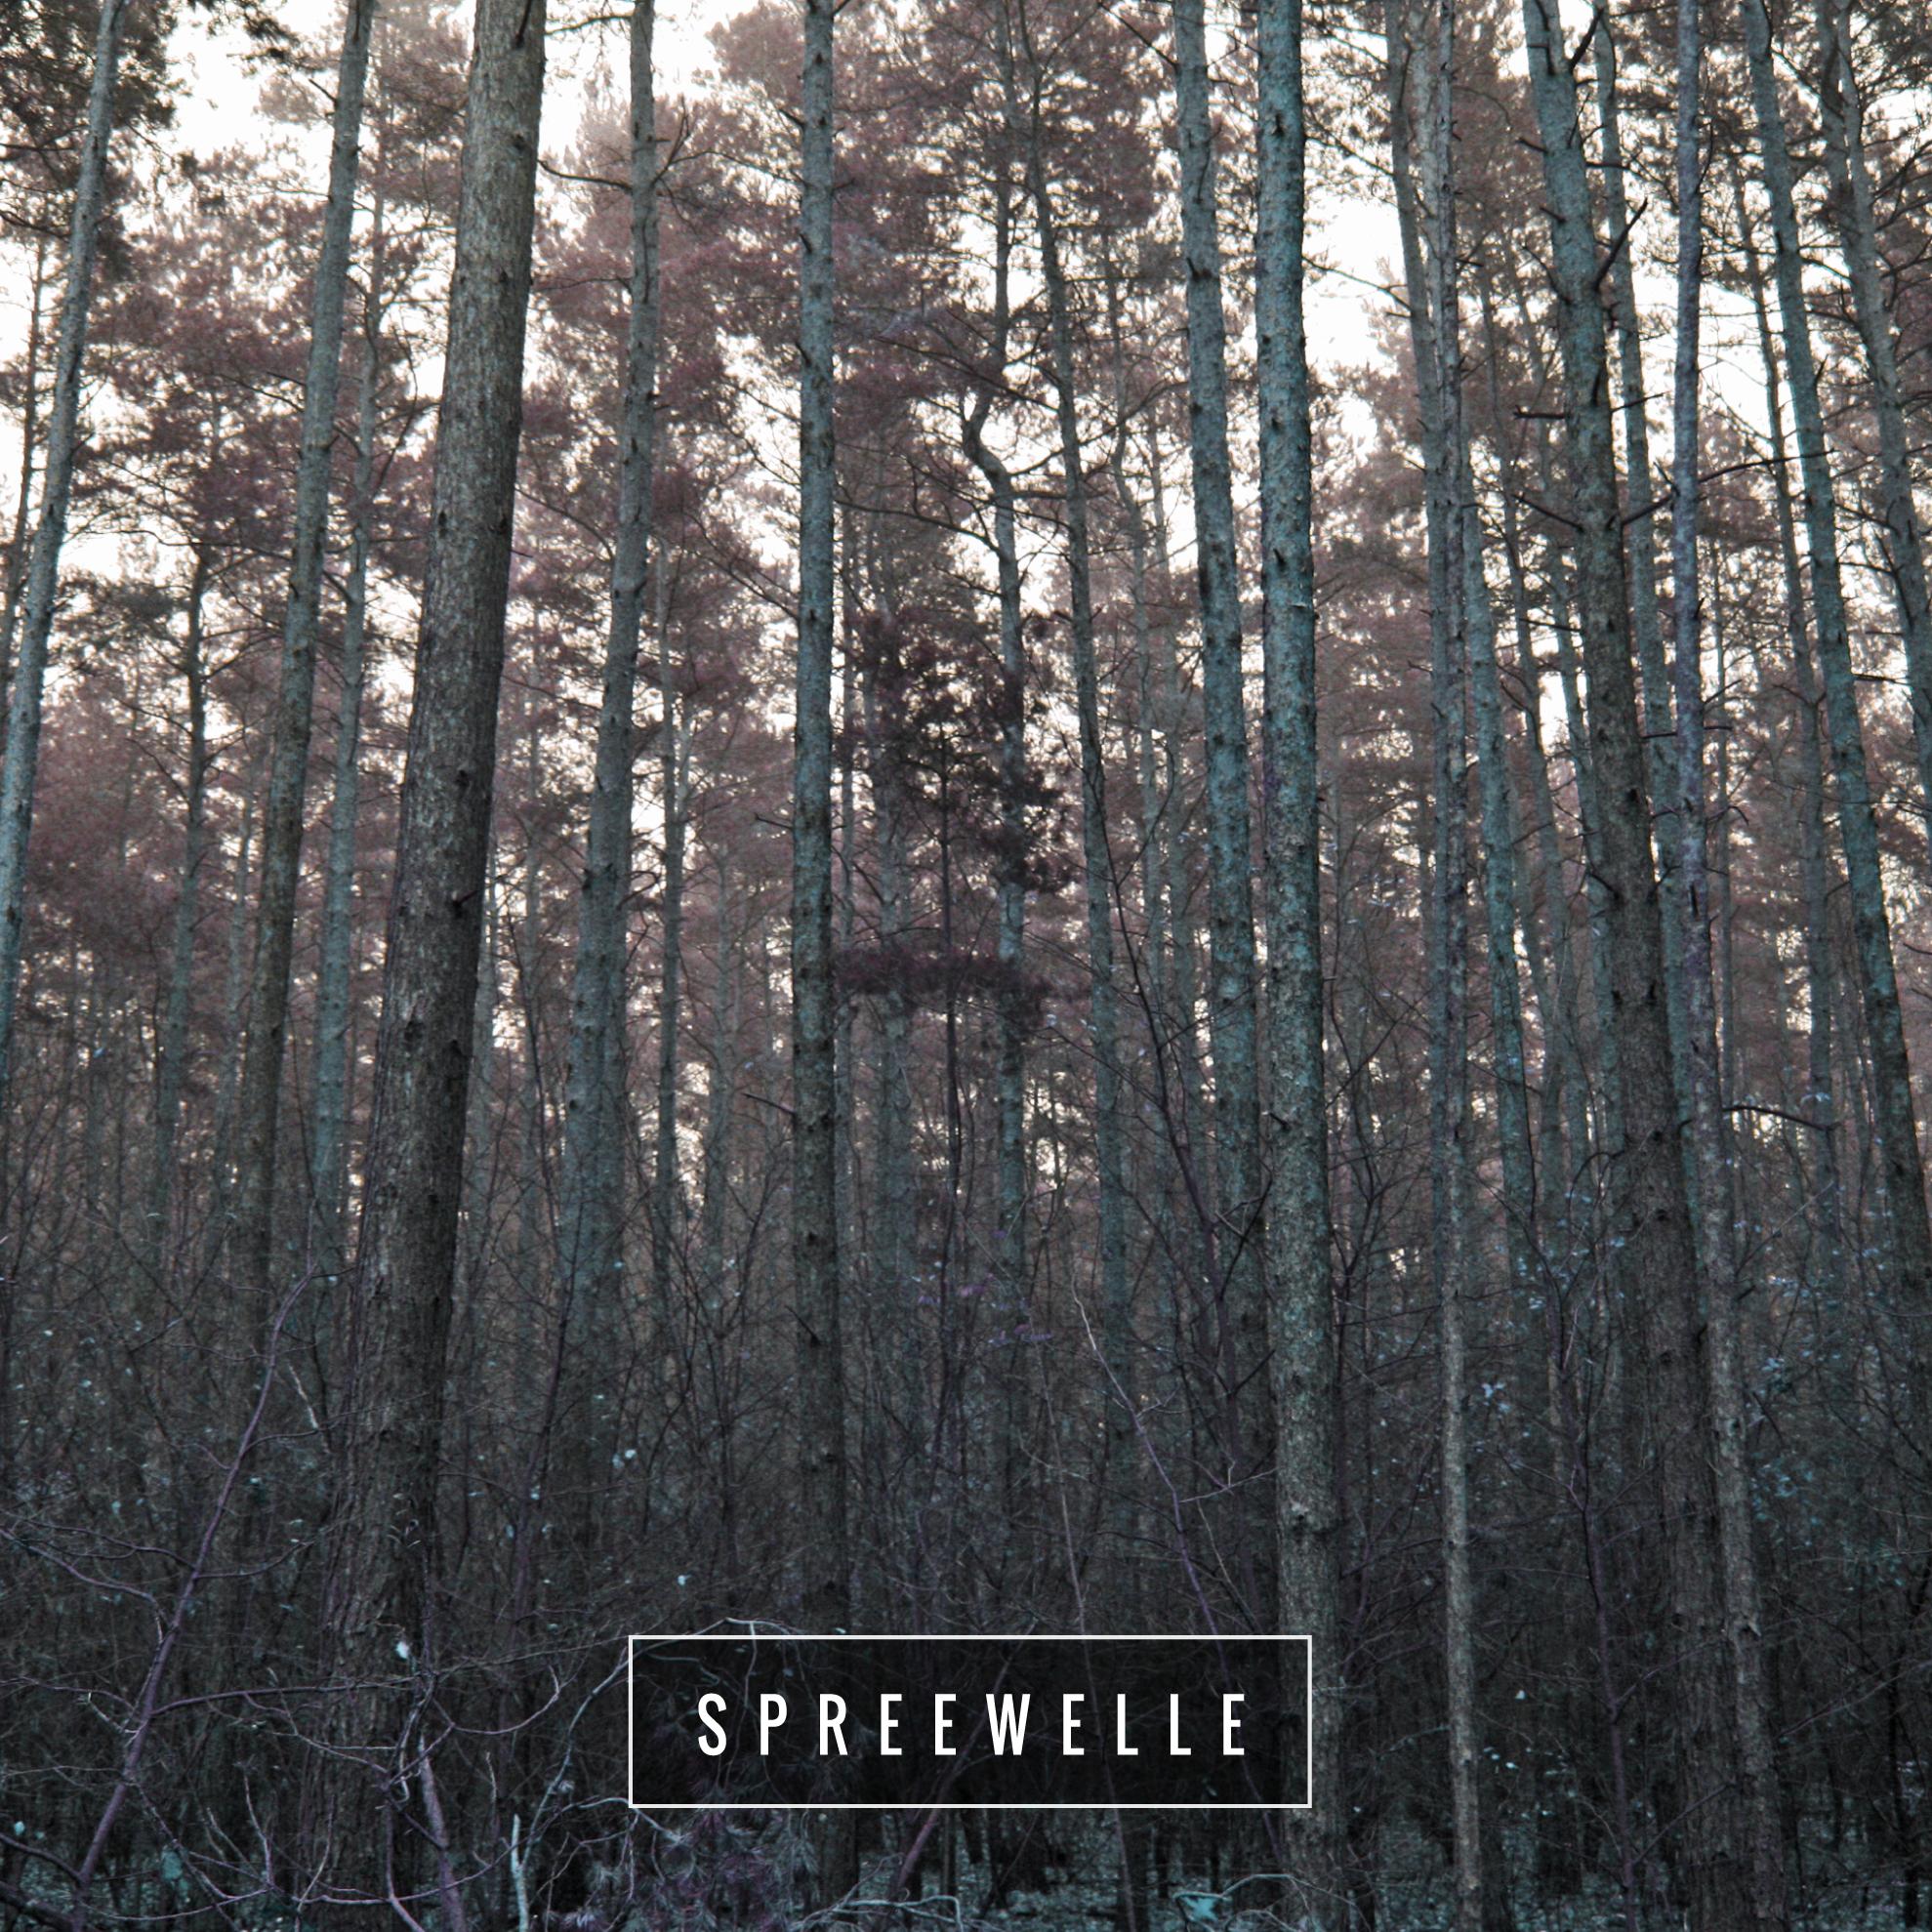 Spreewelle1134-01